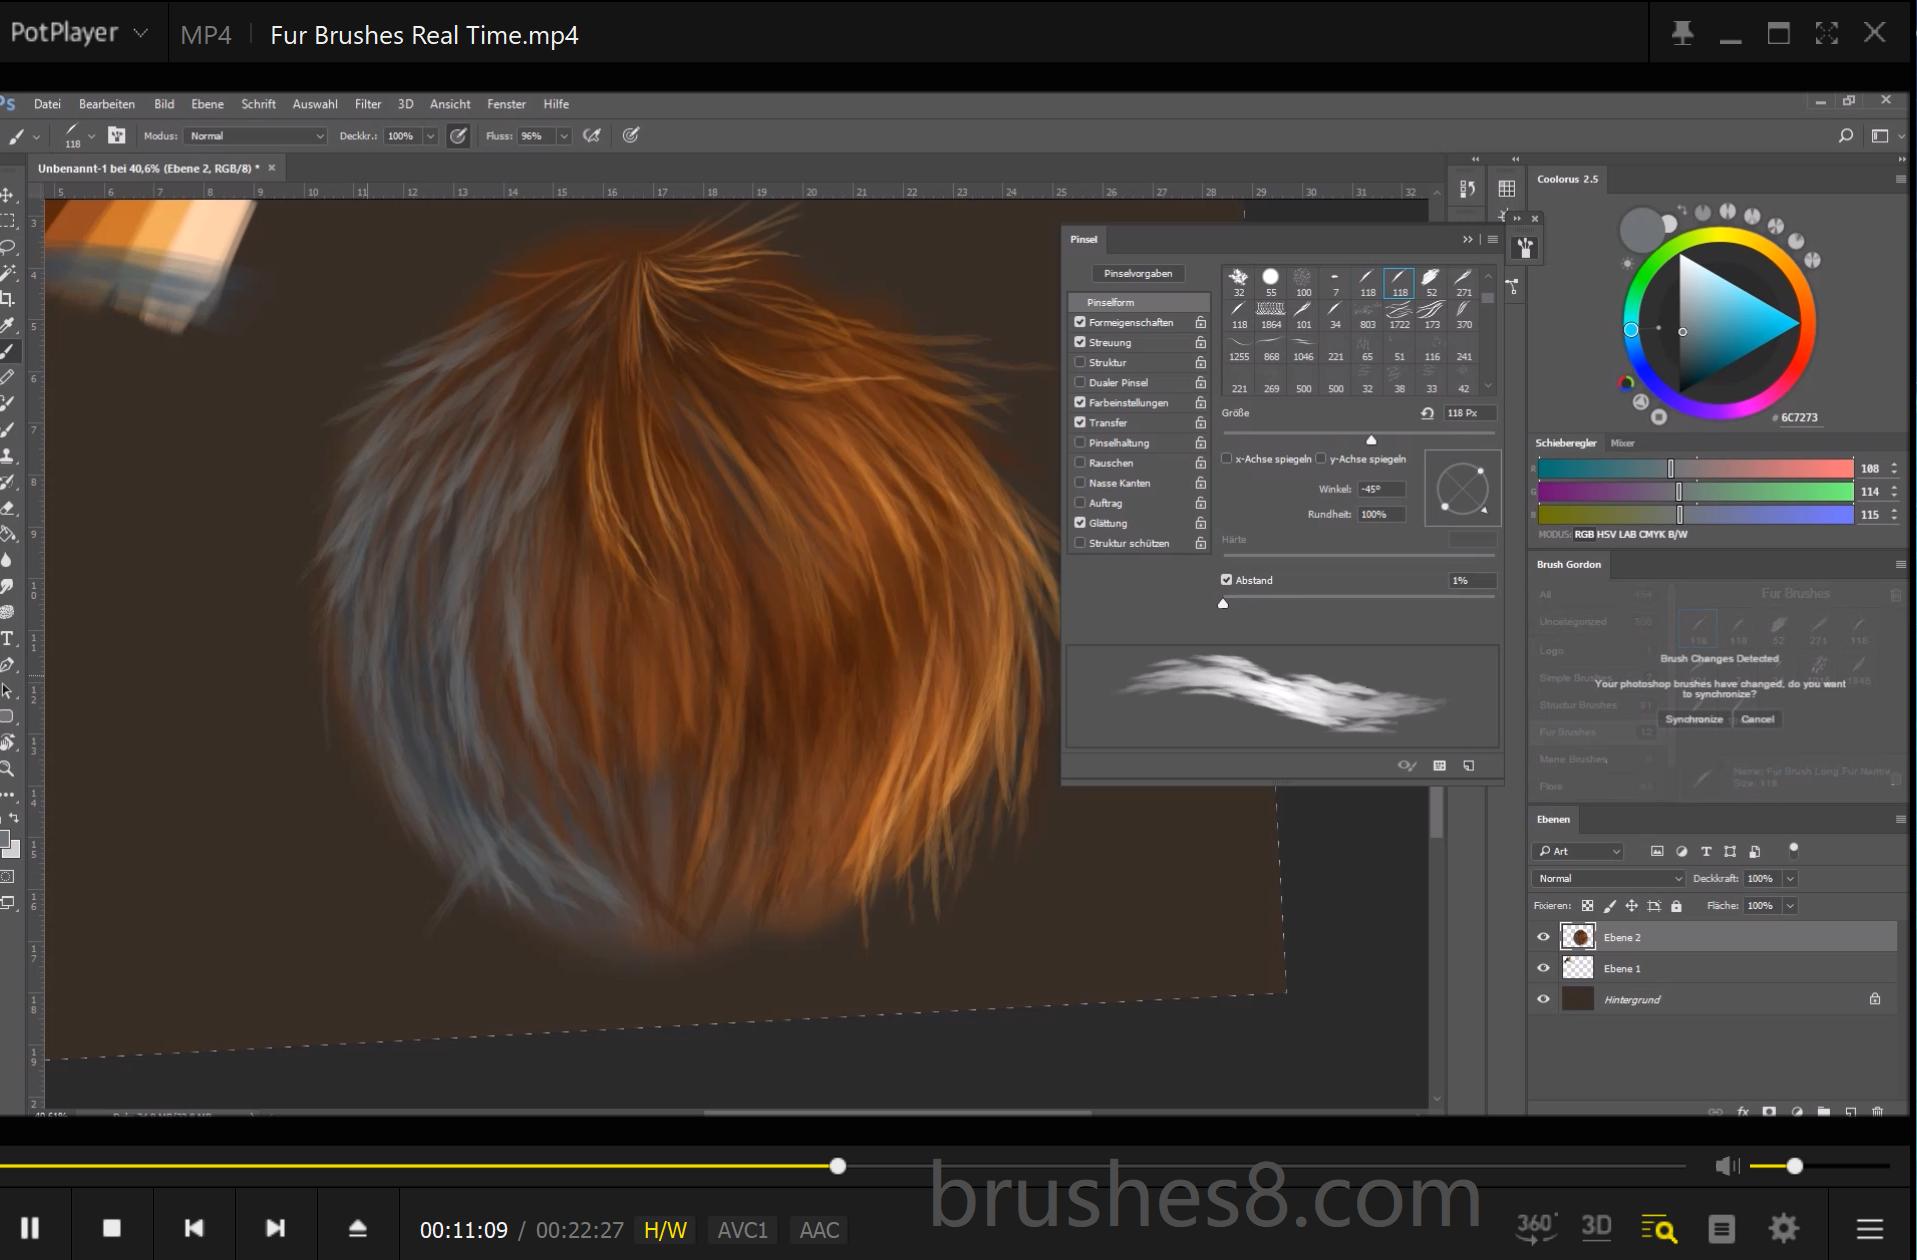 高级毛发、绒毛效果手绘笔触PS笔刷素材(含视频演示文件)